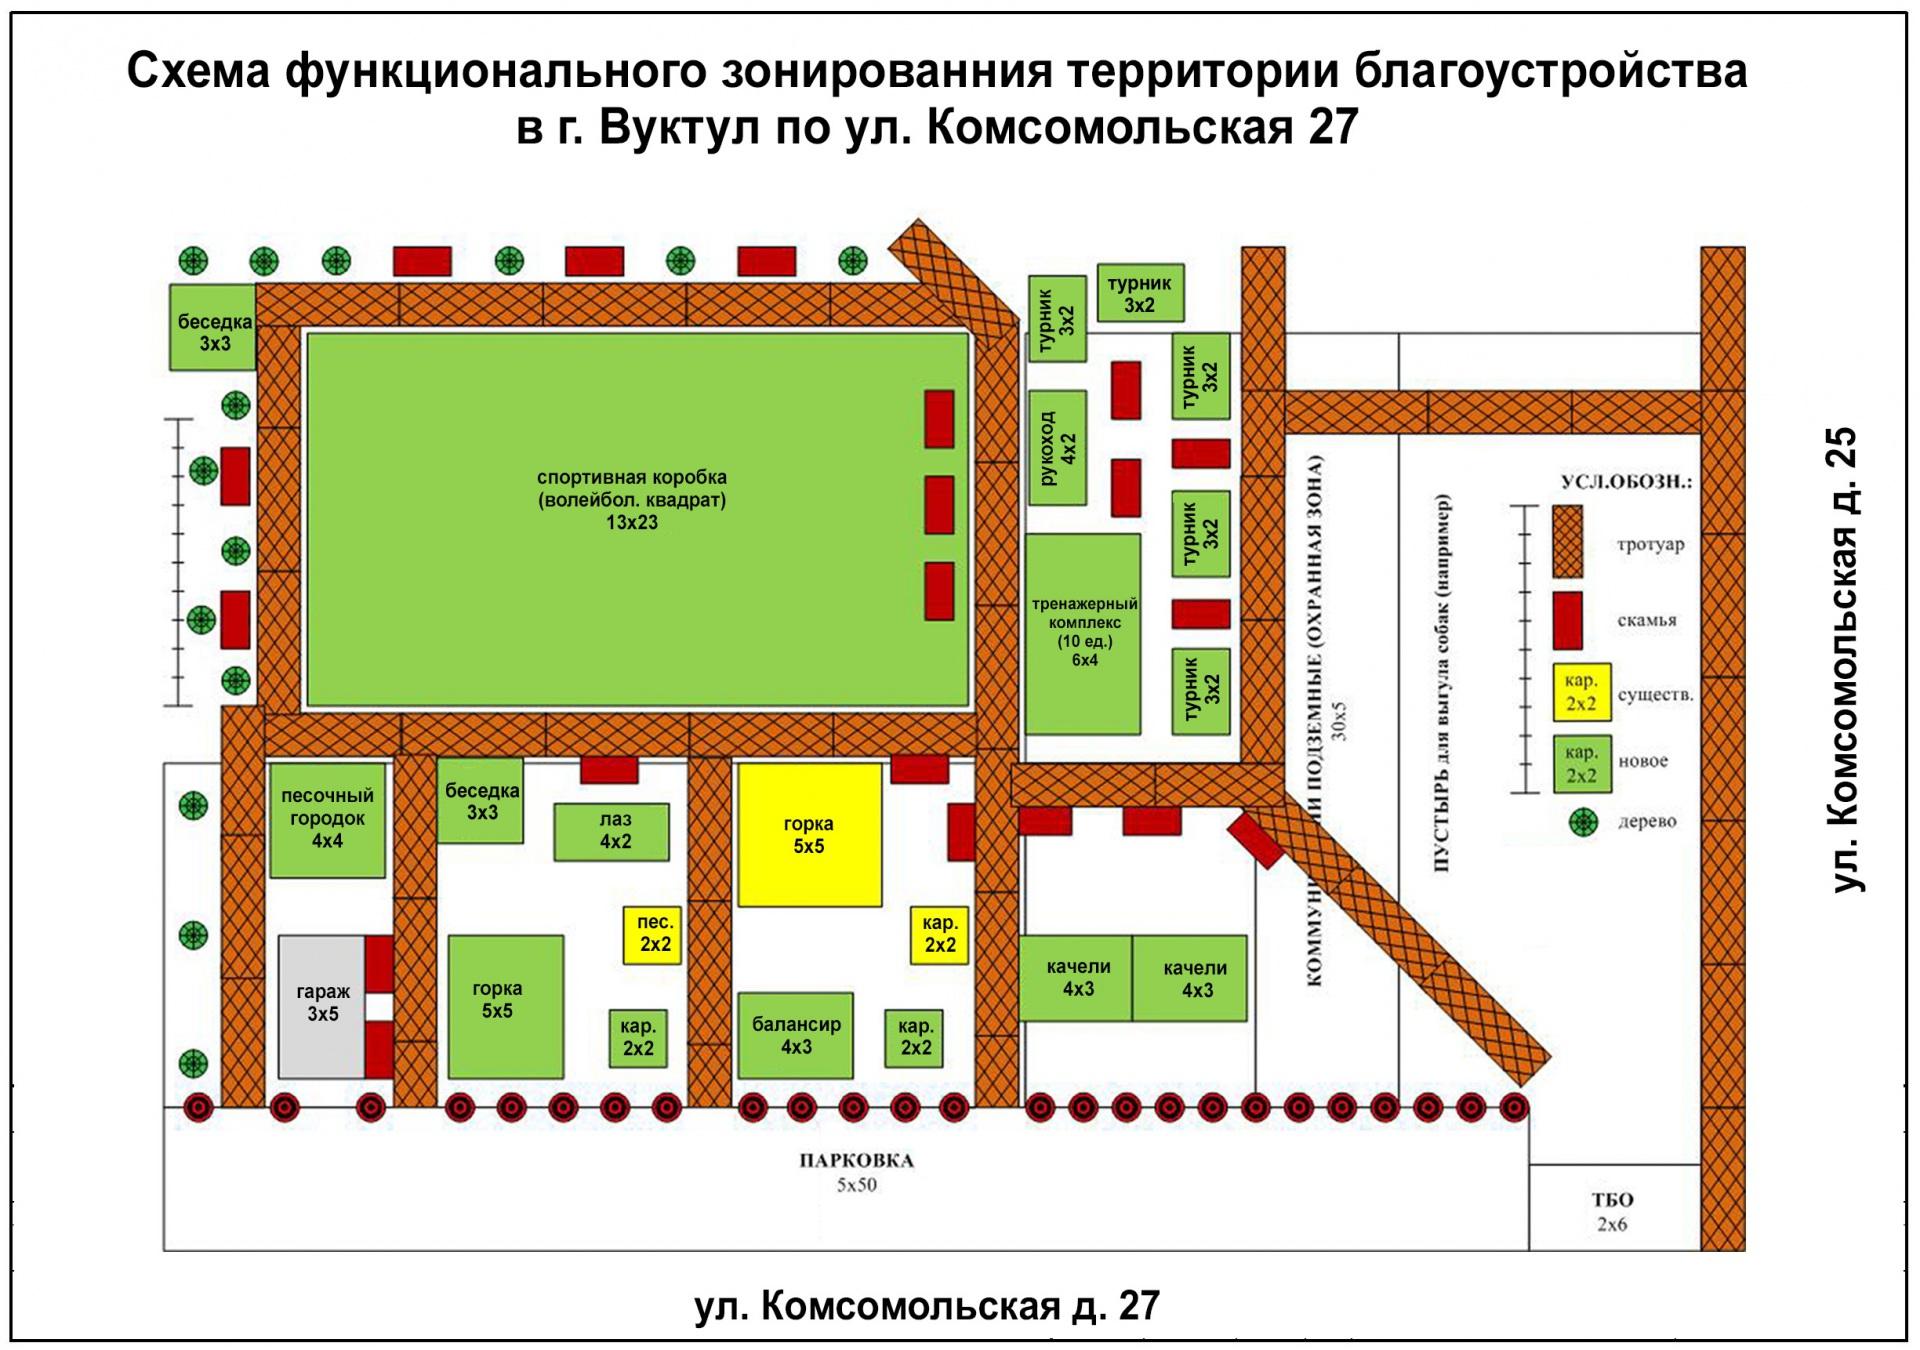 Shema-funkzionalnogo-zonirovaniya.jpg